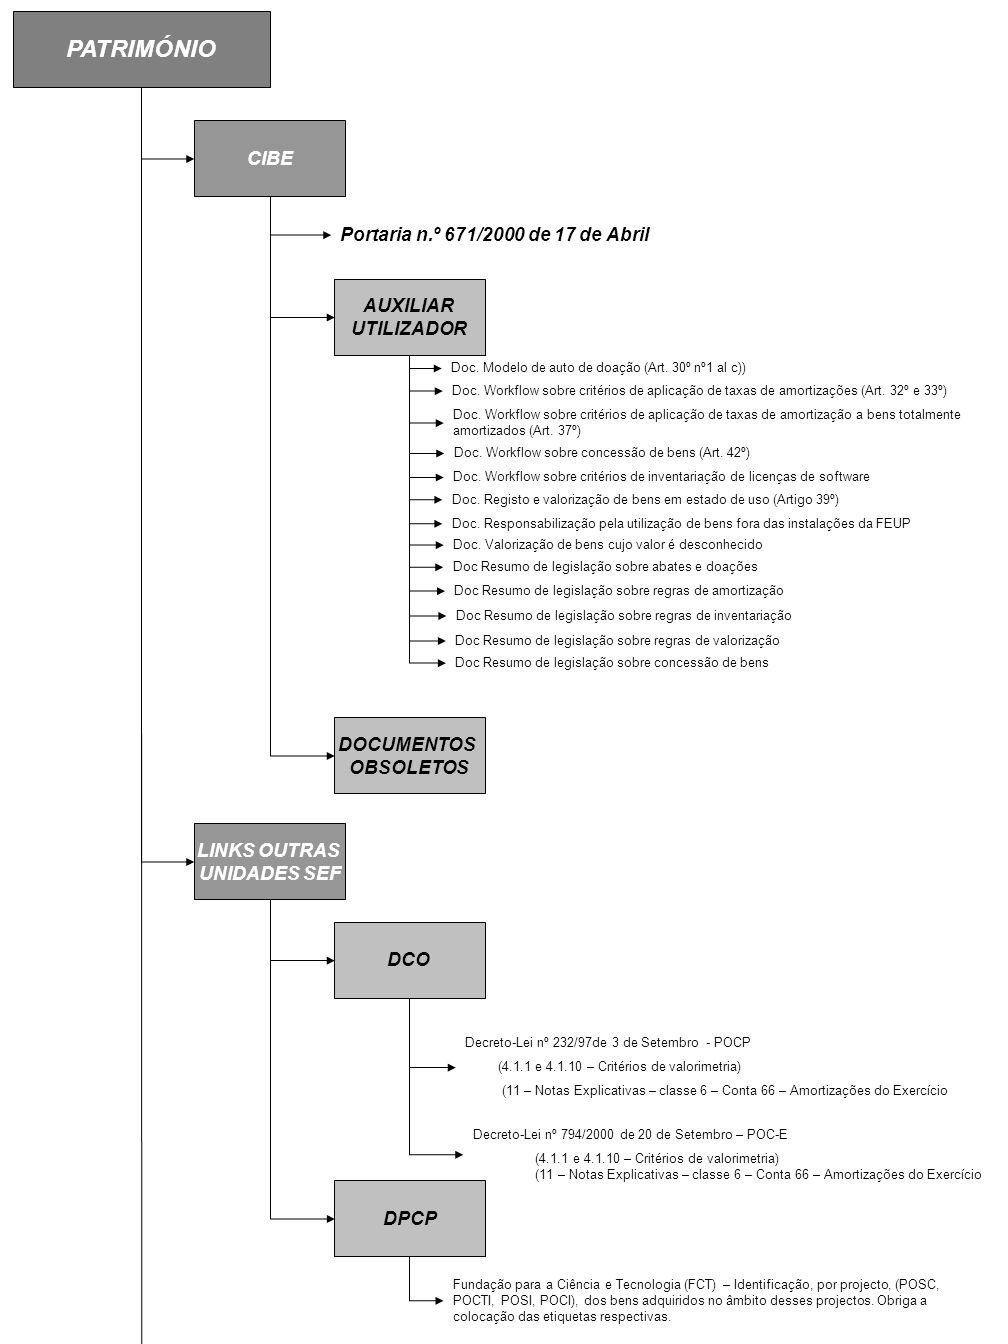 MECENATO Decreto-Lei n.º 74/99 de 16 de Março Lei n.º 160/99 de 14 de Setembro Lei nº 176-A/99 de 30 de Setembro Lei nº 3-B/2000 de 4 de Abril Lei n.º 30-C/2000 de 29 de Dezembro Declaração de rectificação n.º 7/01 de 12 de Março Lei n.º 109-B/2001 de 27 de Dezembro Decreto-Lei n.º 153/2001 de 7 de Maio Lei n.º 26/2004 de 8 de Julho Despacho n.º 1593/2005 de 24 de Janeiro AUXILIAR UTILIZADOR Doc.